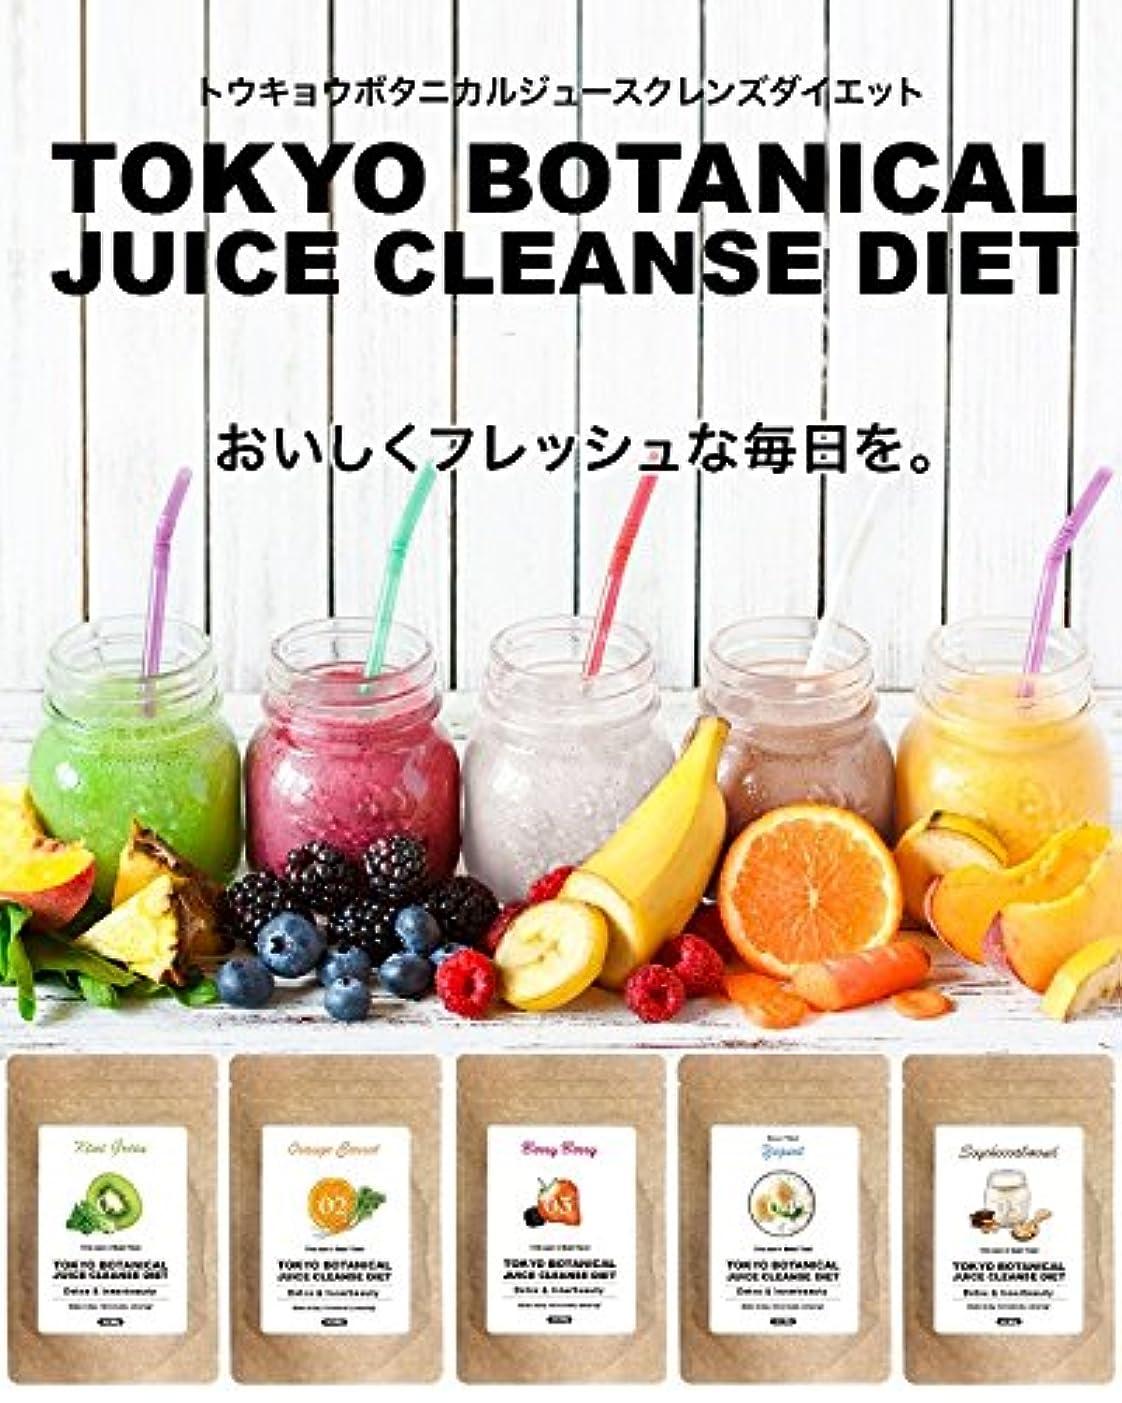 仲人怠けた舗装する東京ボタニカルジュースクレンズダイエット ベリーベリー&ヨーグルトセット